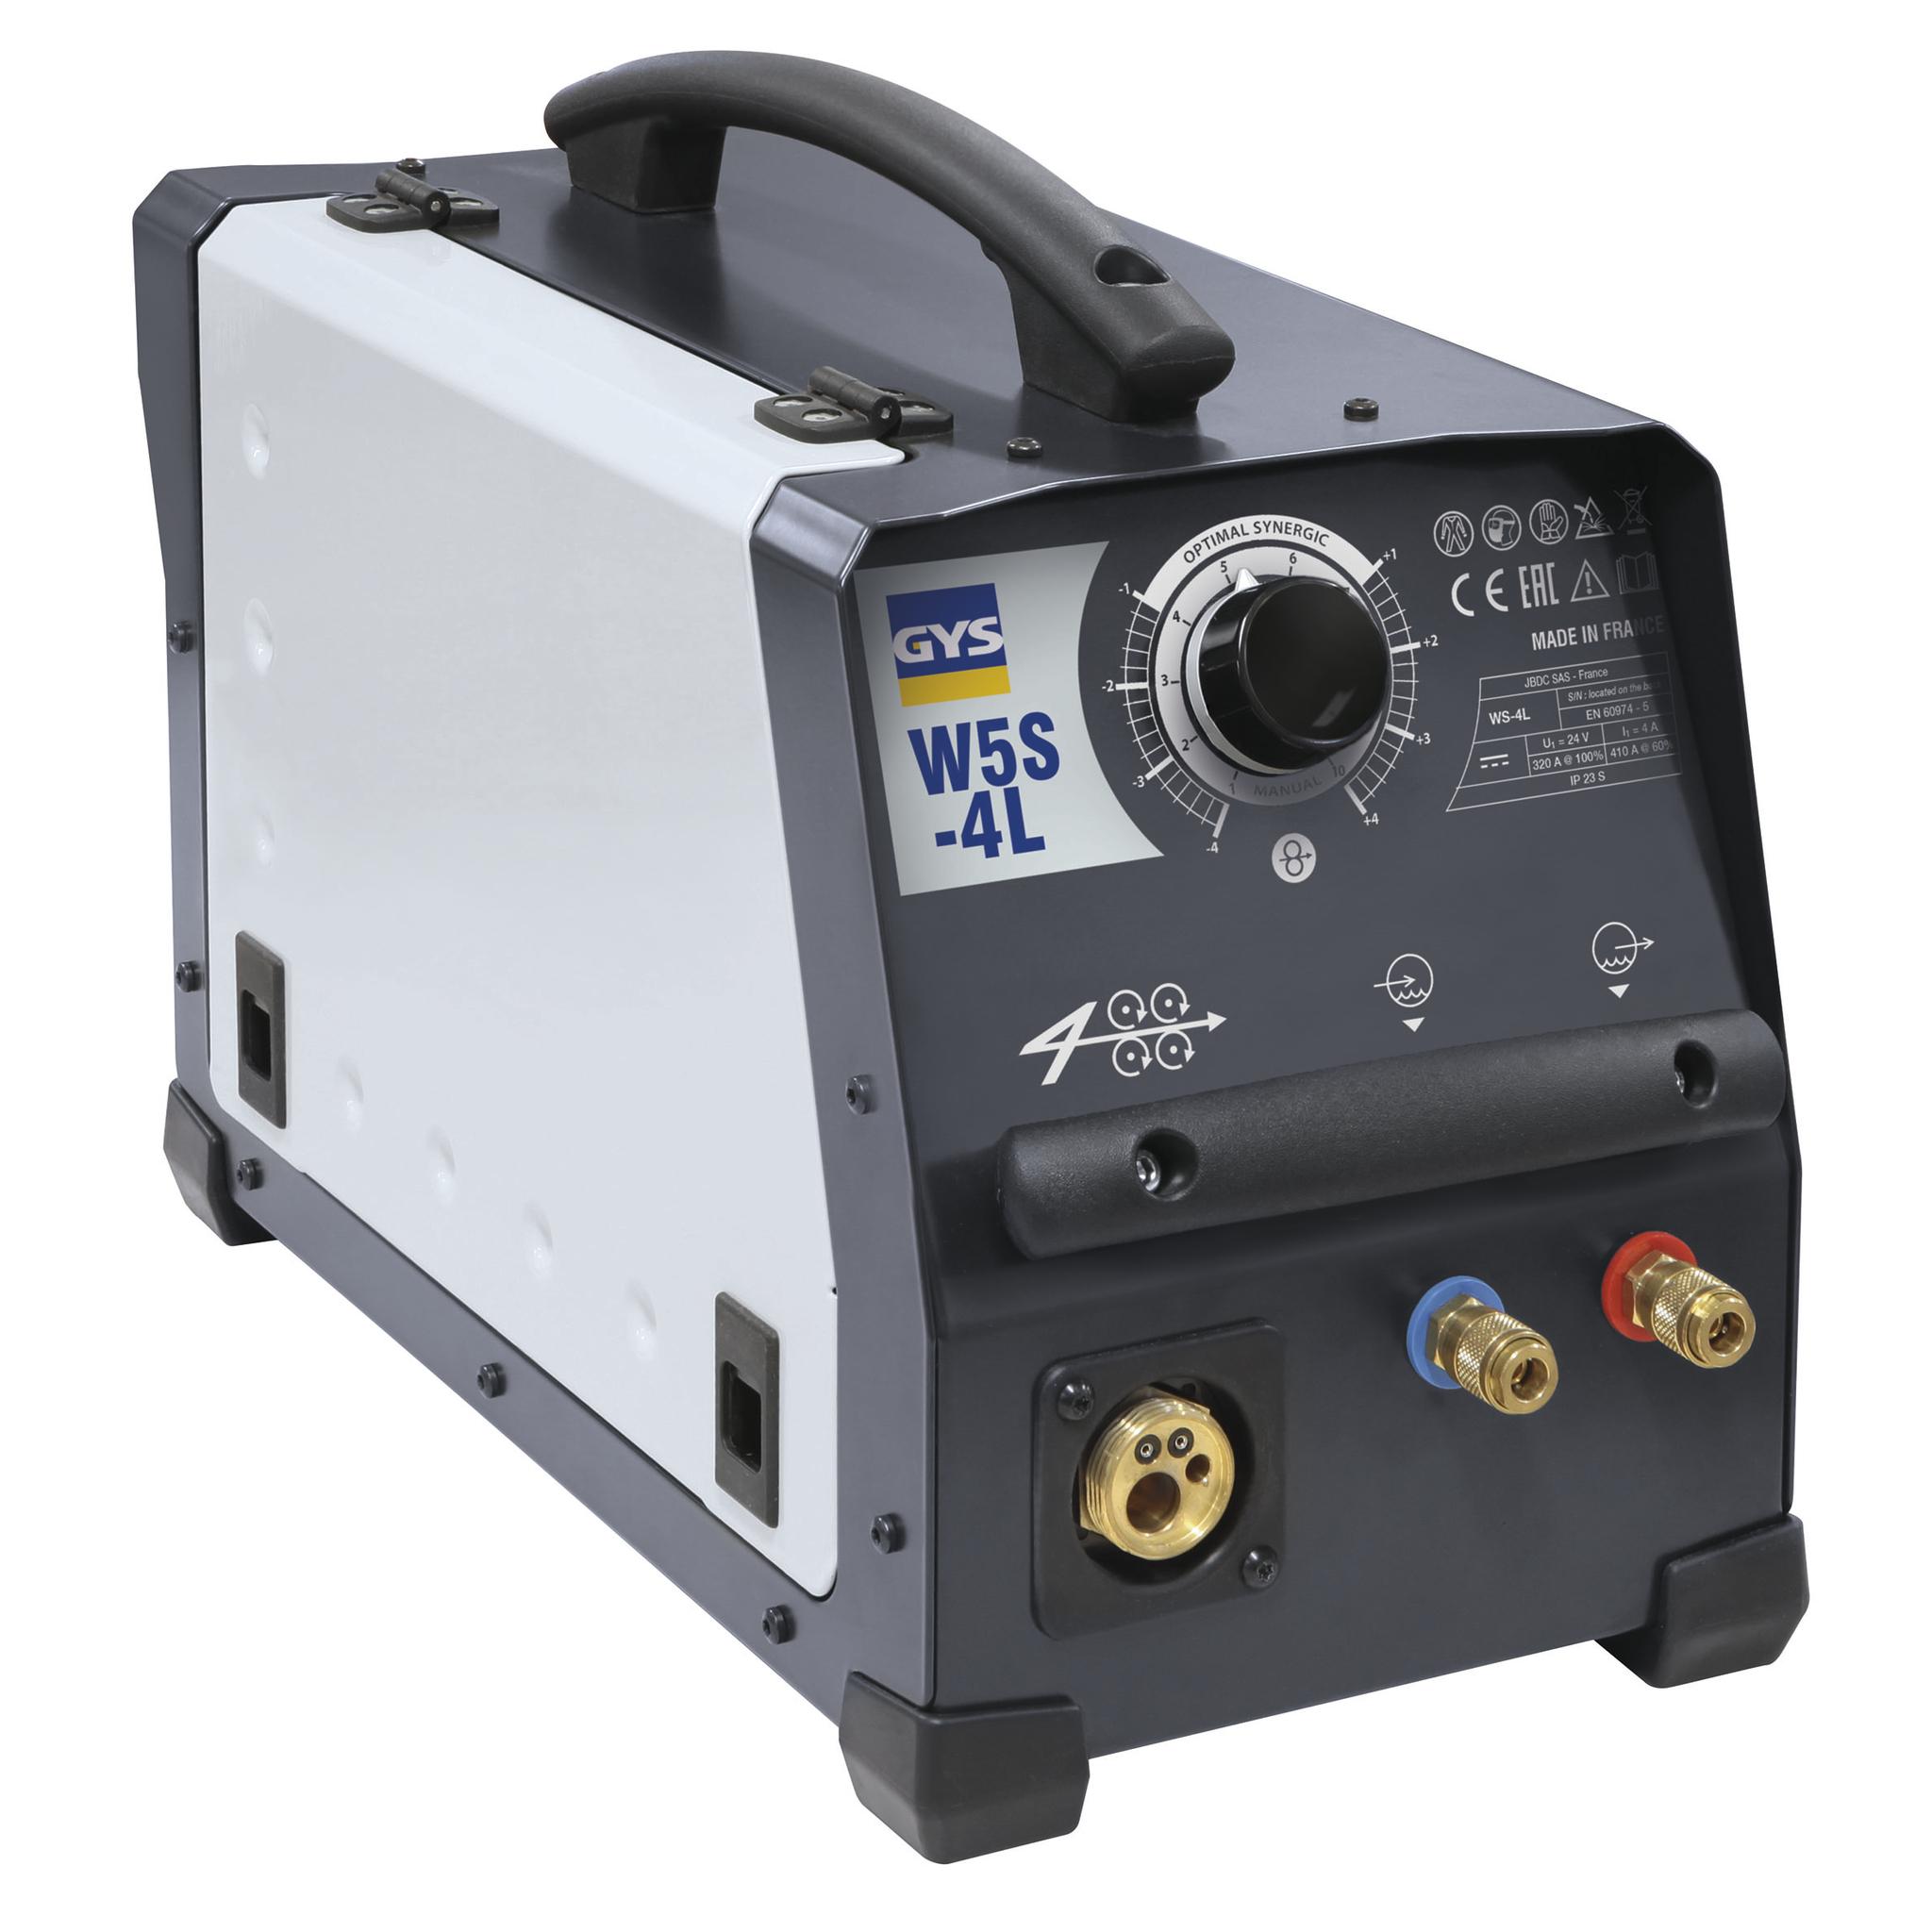 GYS Drahtvorschubkoffer EXAFEED-4L - luftgekühlt/wassergekühlt – für EXAGON 032408